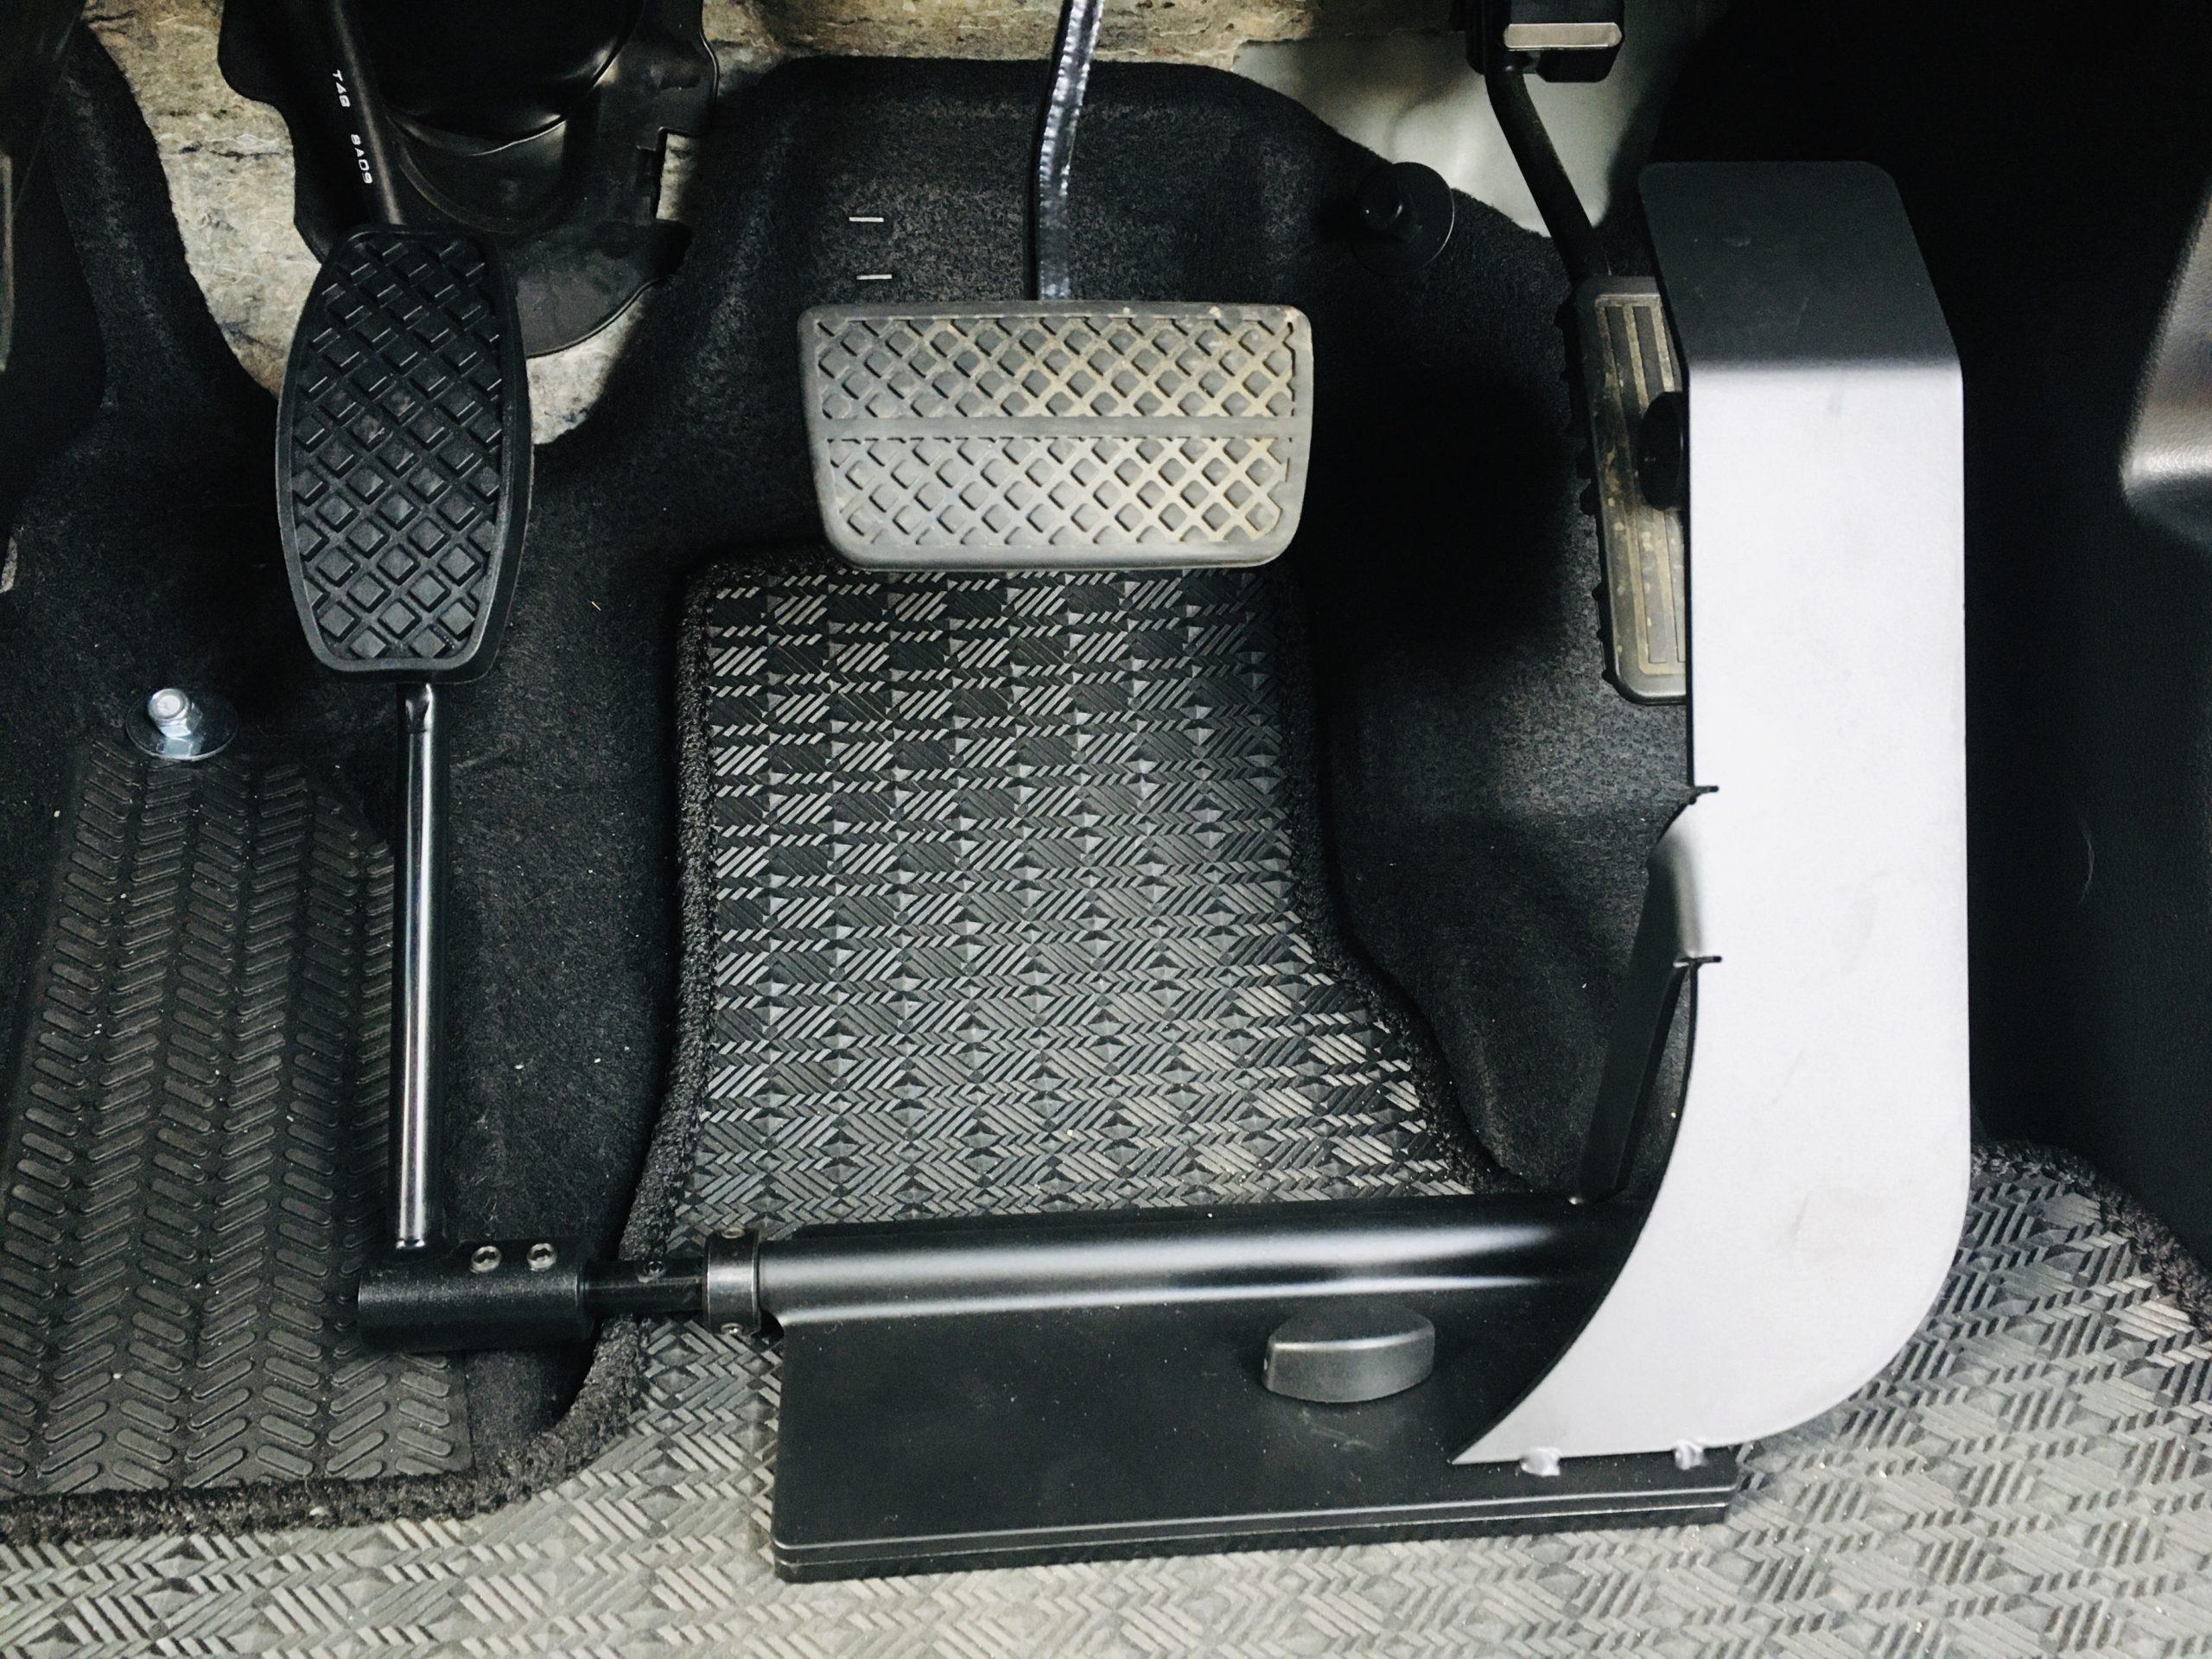 福祉車両改造 ホンダNワゴン 左足アクセル 福祉車両への改造 ⑤